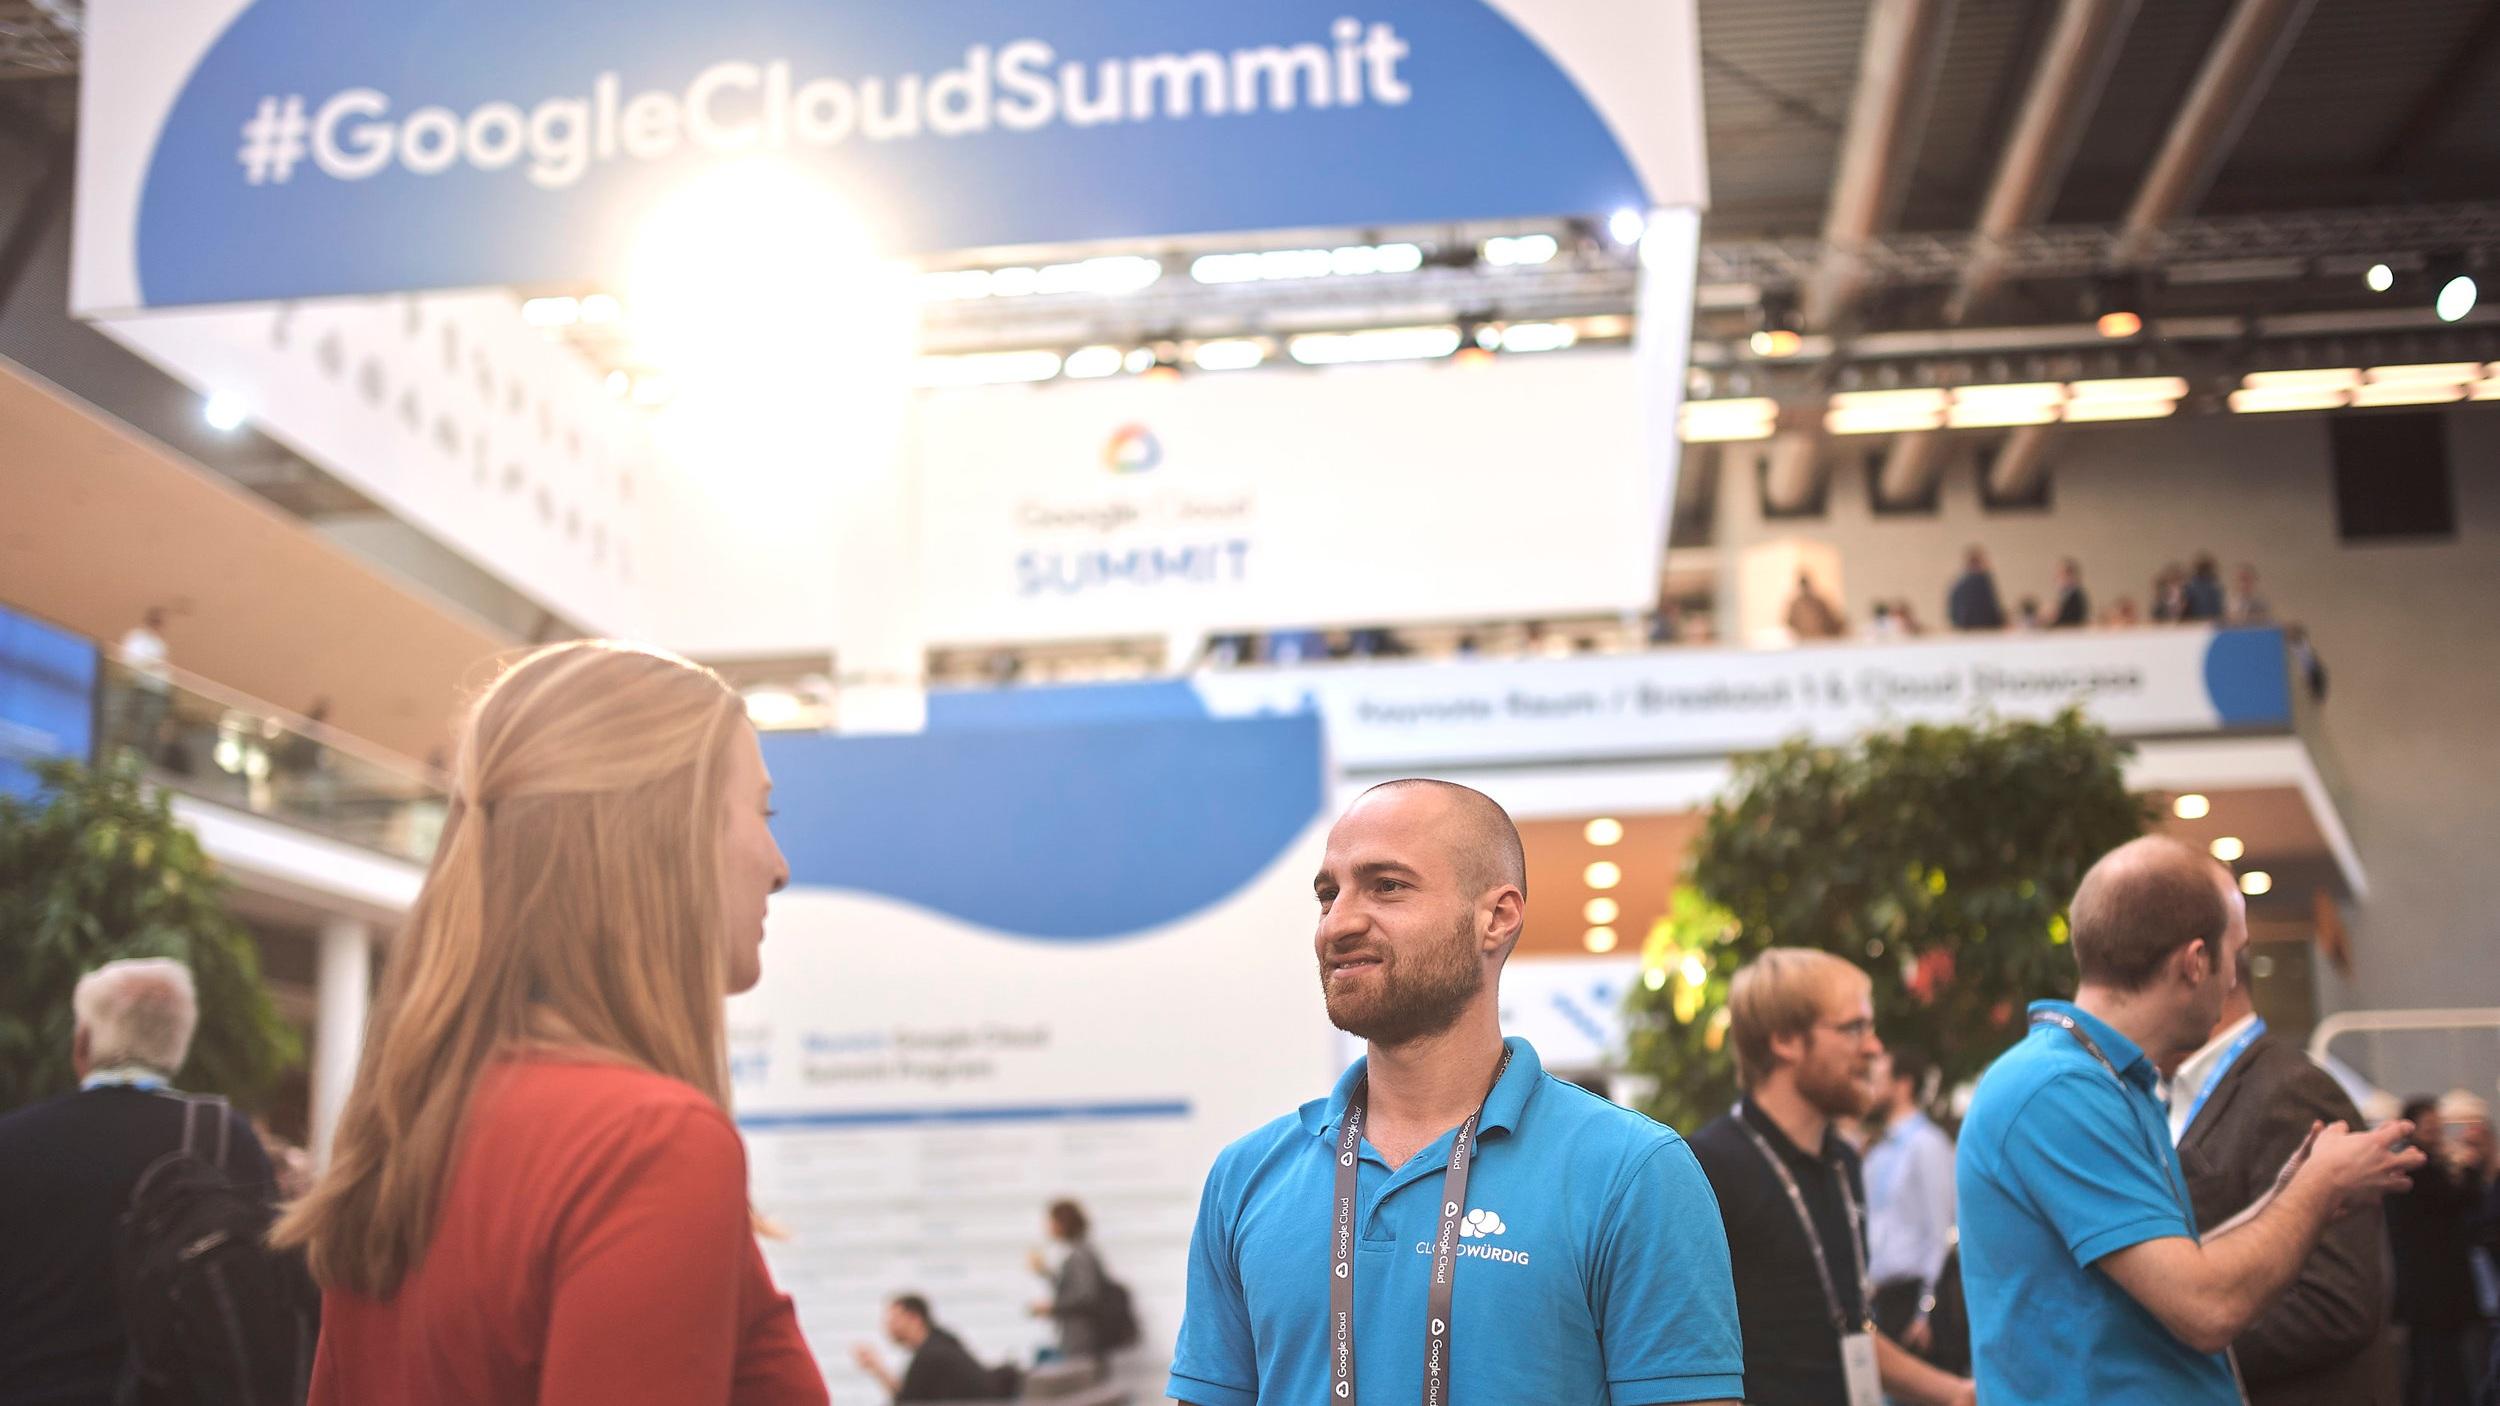 Fabian_Vogl_2018-11-20_Google_Cloud_Summit_0109.jpg